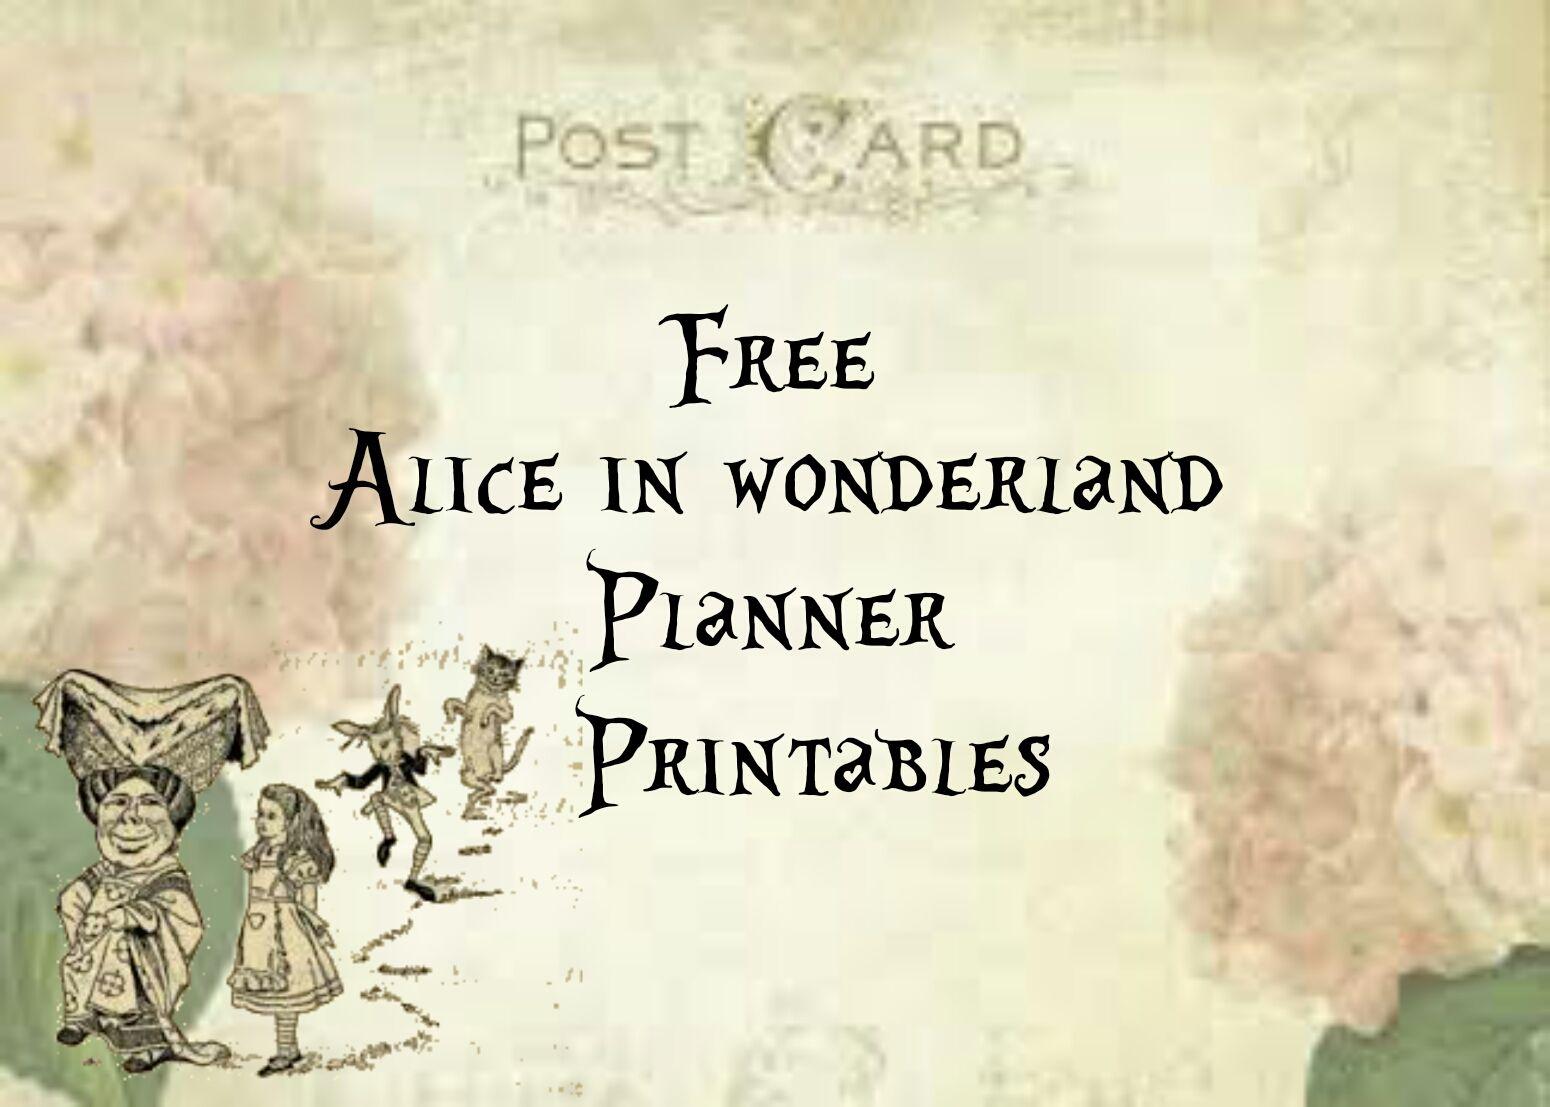 Alice In Wonderland Free Planner Printables Alice In Wonderland Printables Planner Printables Free Alice In Wonderland Book